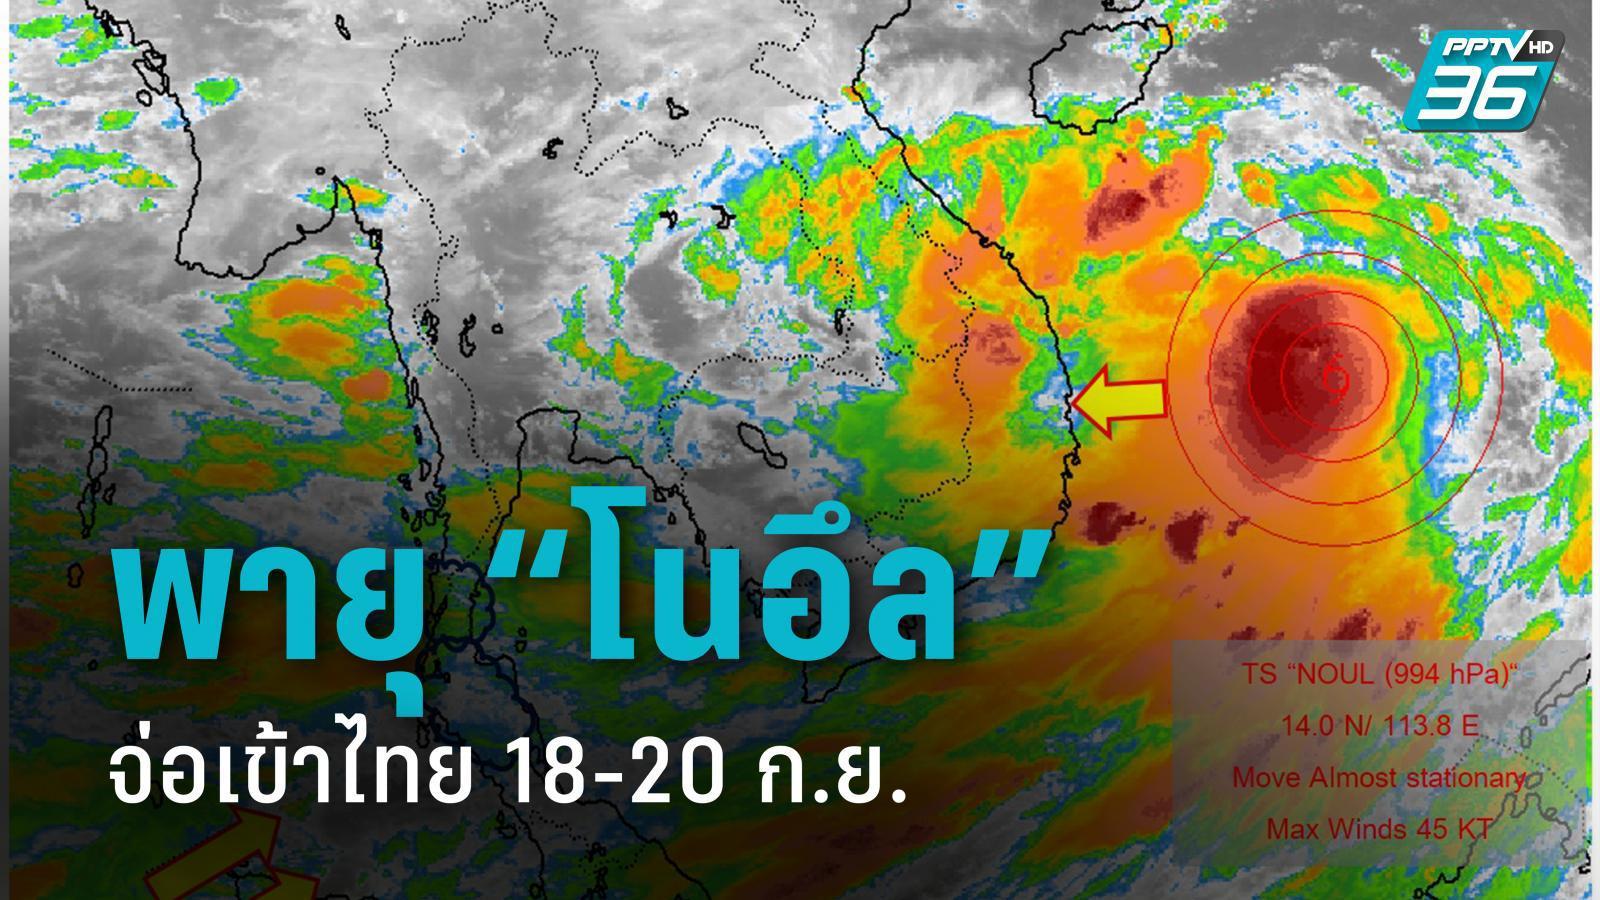 """พายุ """"โนอึล"""" แรงขึ้นระดับ 5 จ่อเข้าไทย 18 - 20 ก.ย. นี้ ฝนตกหนักทั่วประเทศ"""